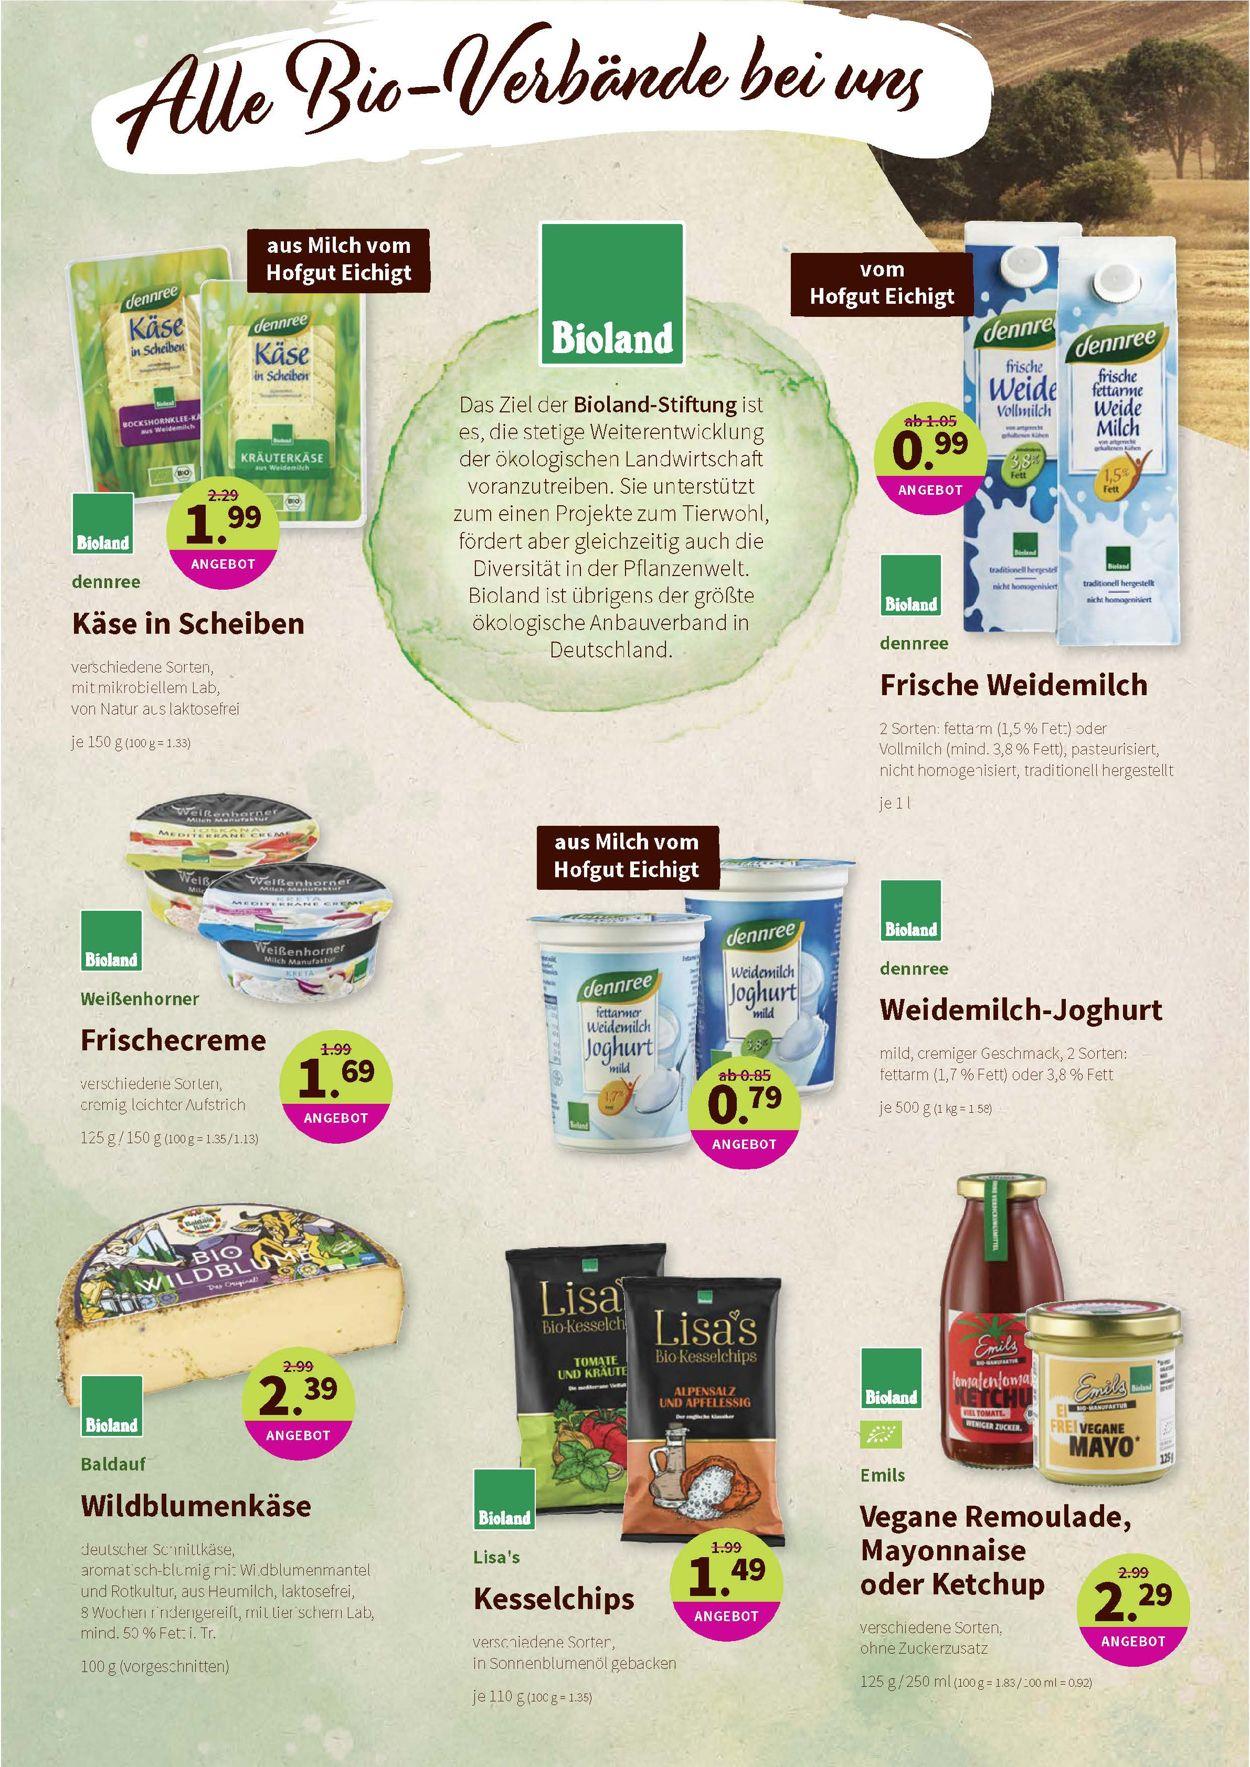 Denn's Biomarkt Prospekt - Aktuell vom 29.07-11.08.2020 (Seite 4)